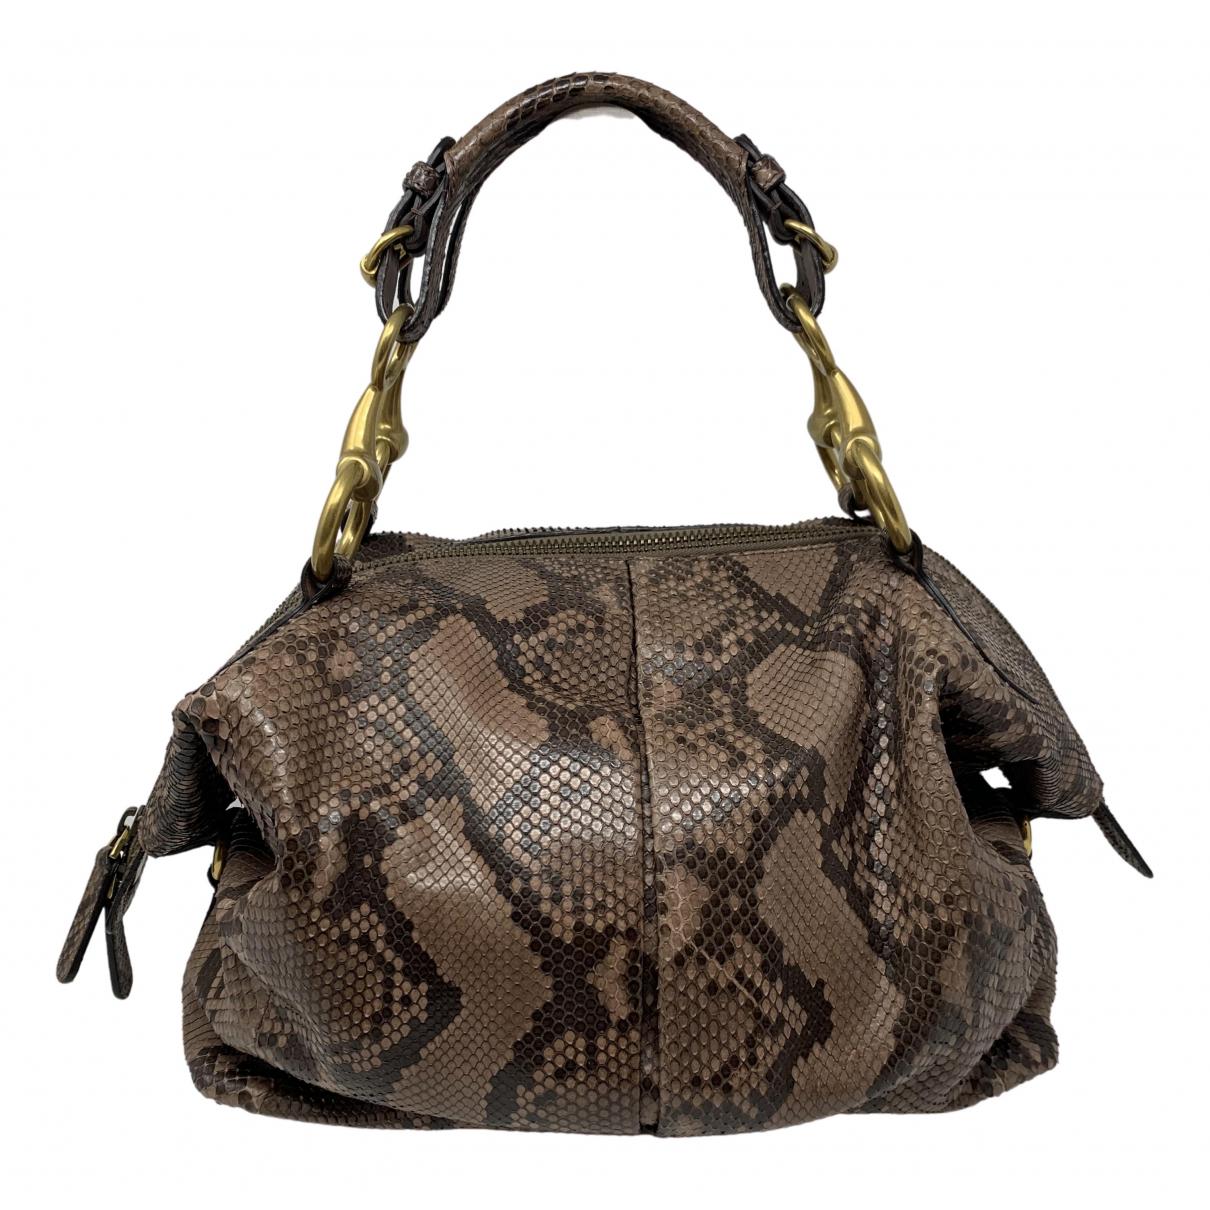 Gucci - Sac a main   pour femme en python - marron